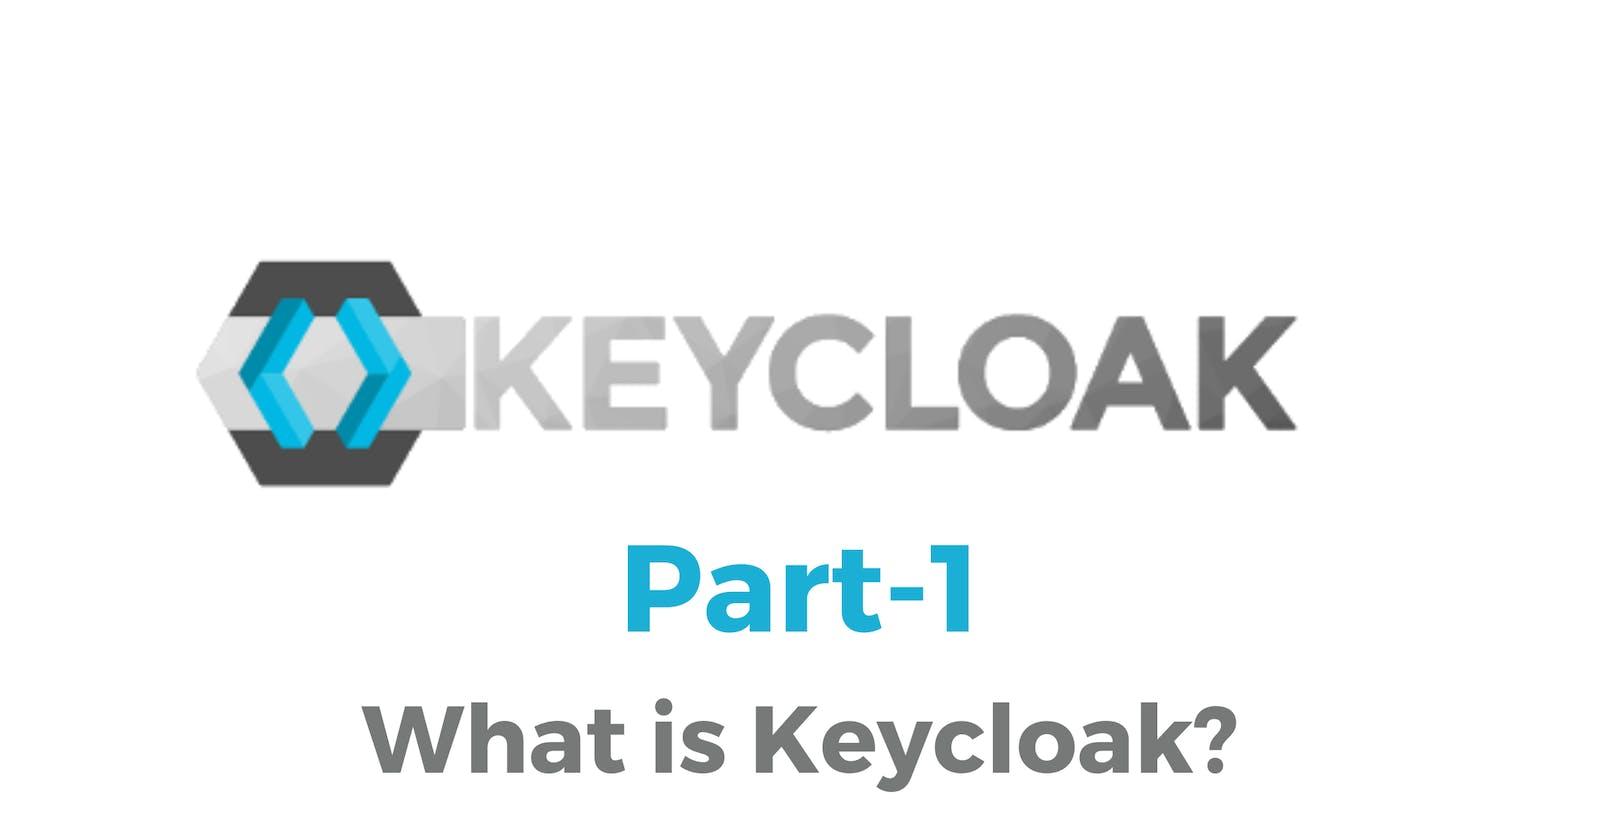 Keycloak Part-1: What is Keycloak?